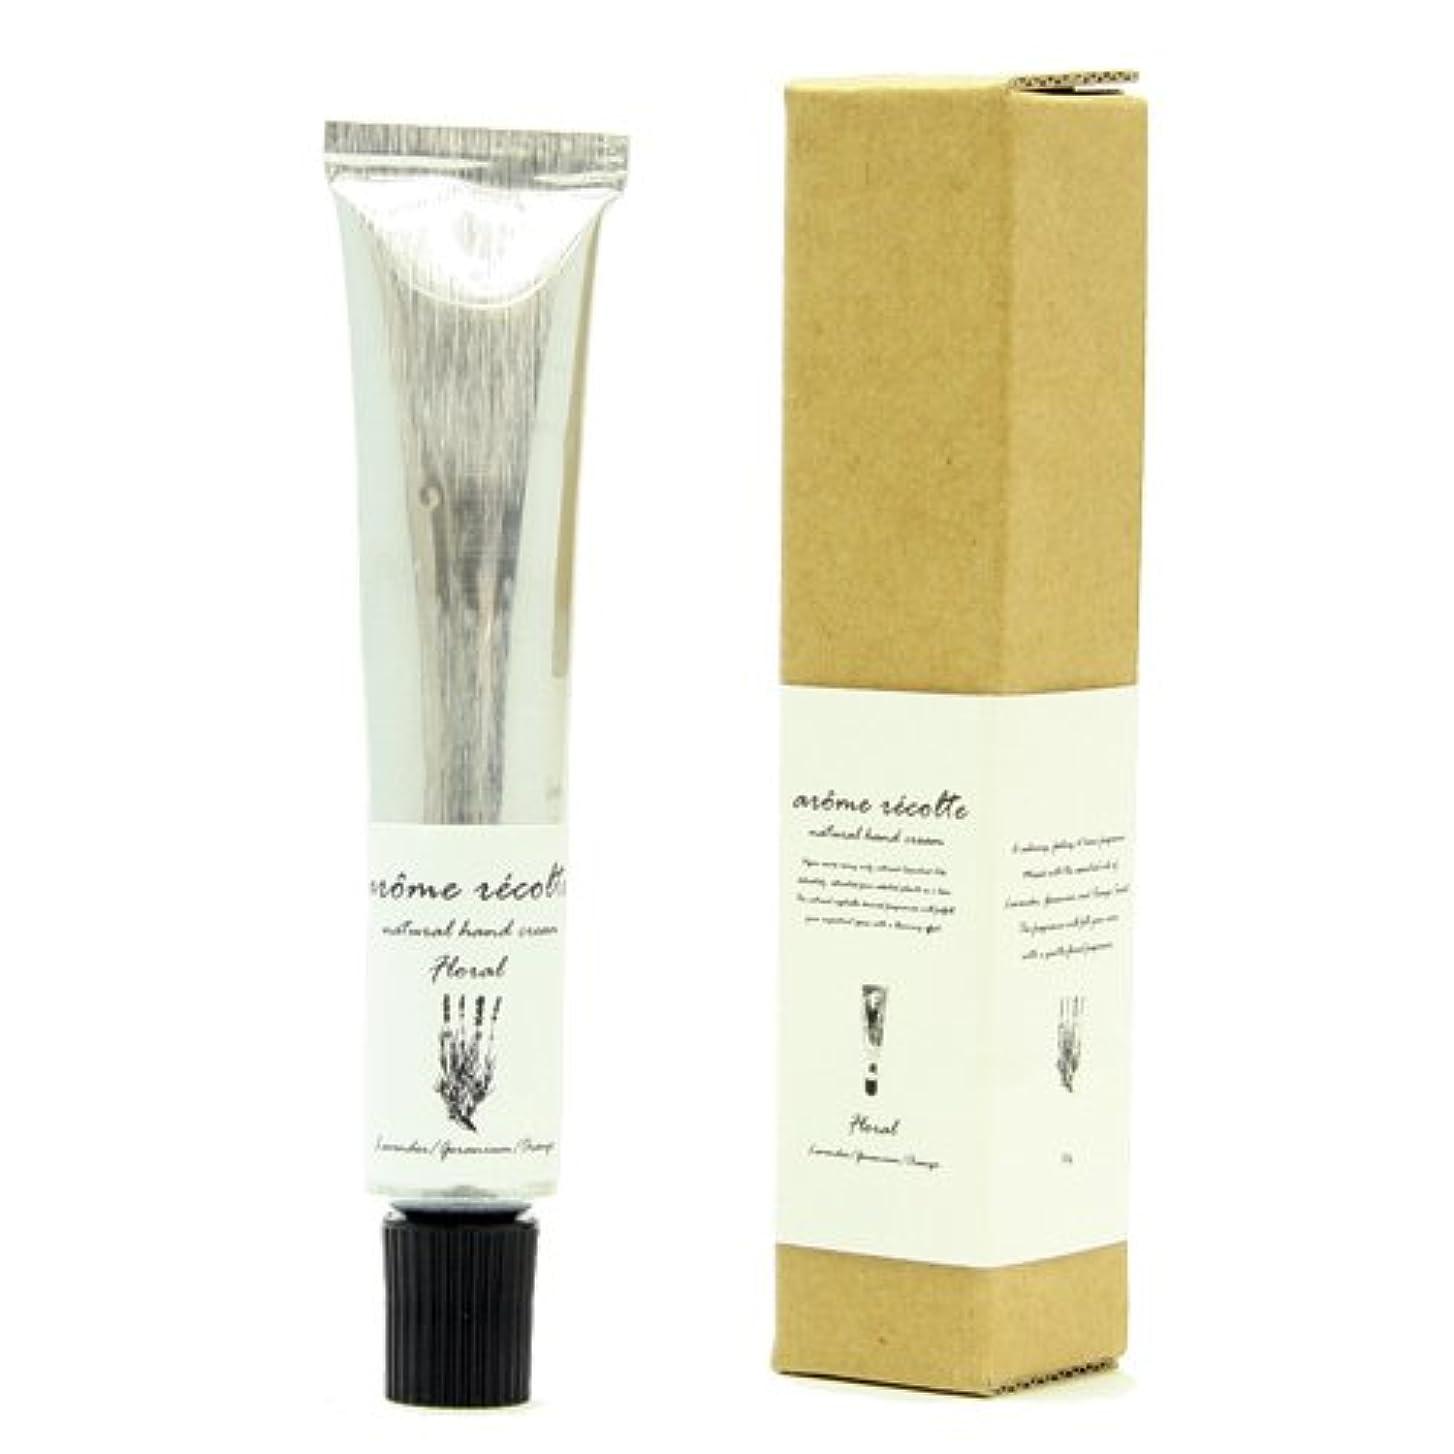 予算必要性所持アロマレコルト ナチュラル ハンドクリーム 30g フローラル Floral arome recolte hand cream